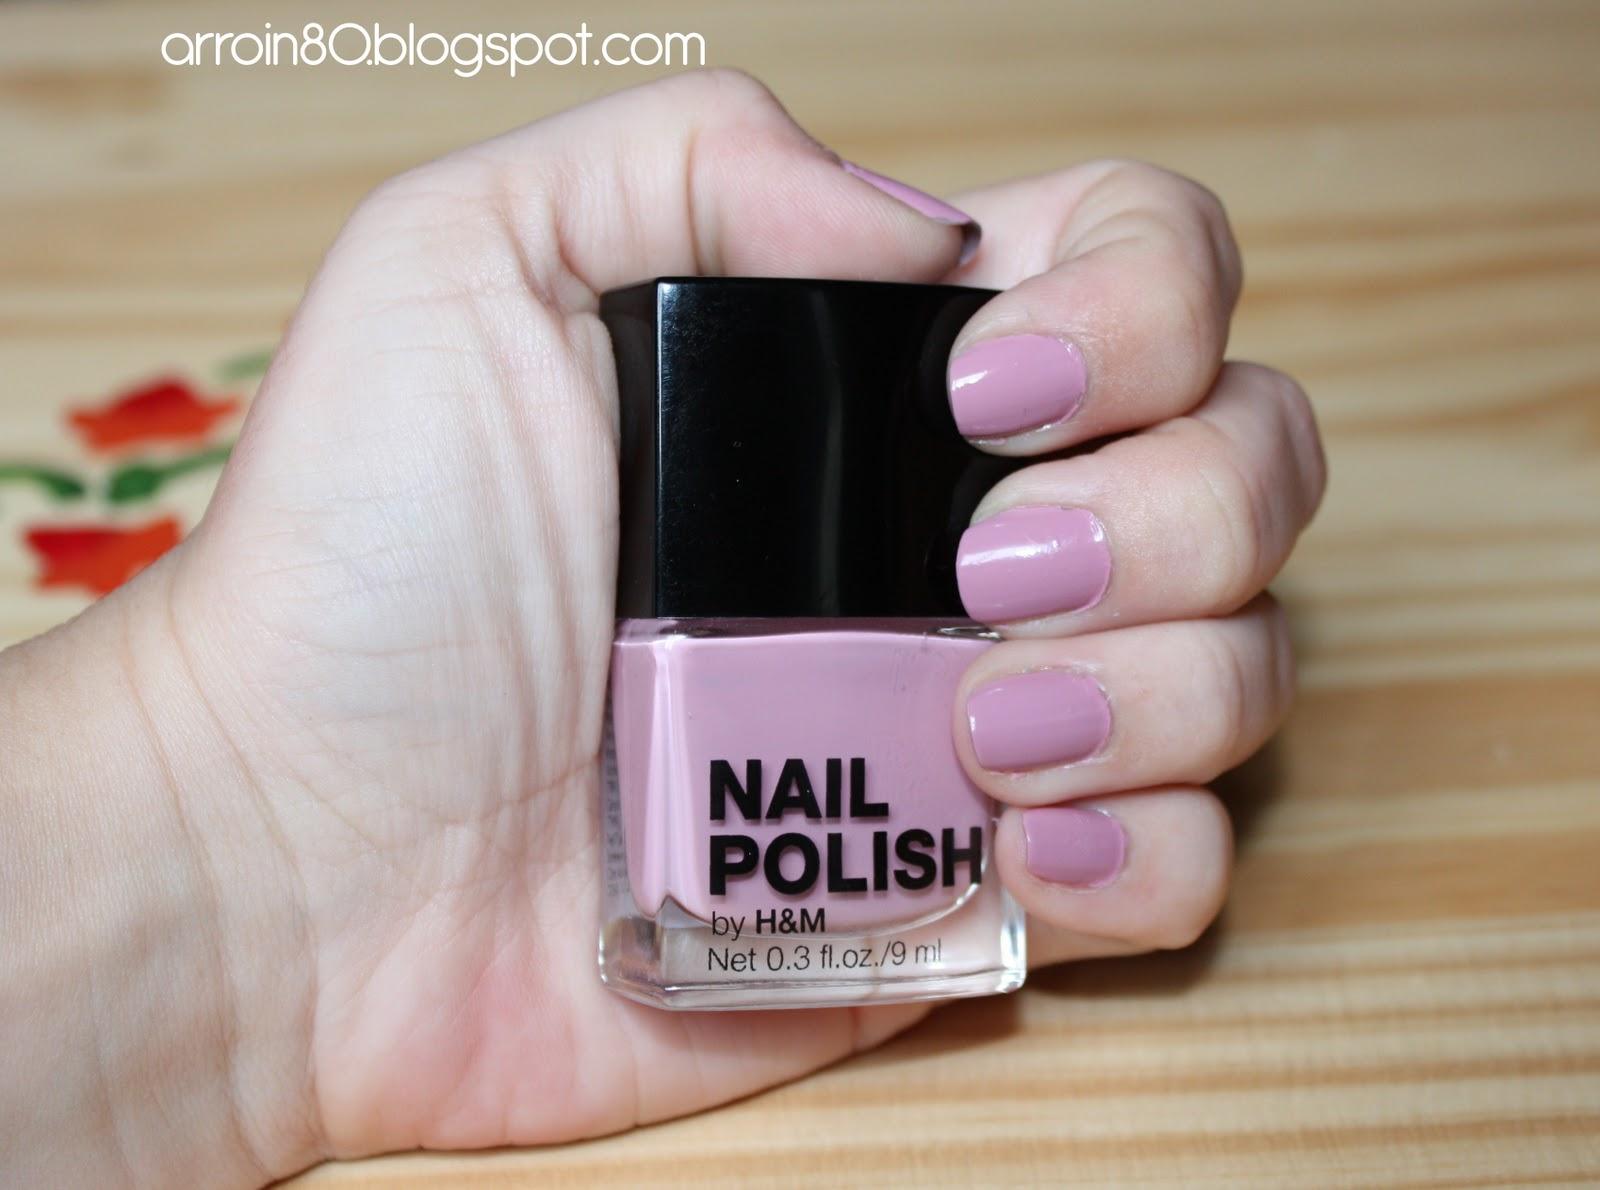 Arroin80 - Blog de belleza (cosmética y maquillaje): El esmalte de ...